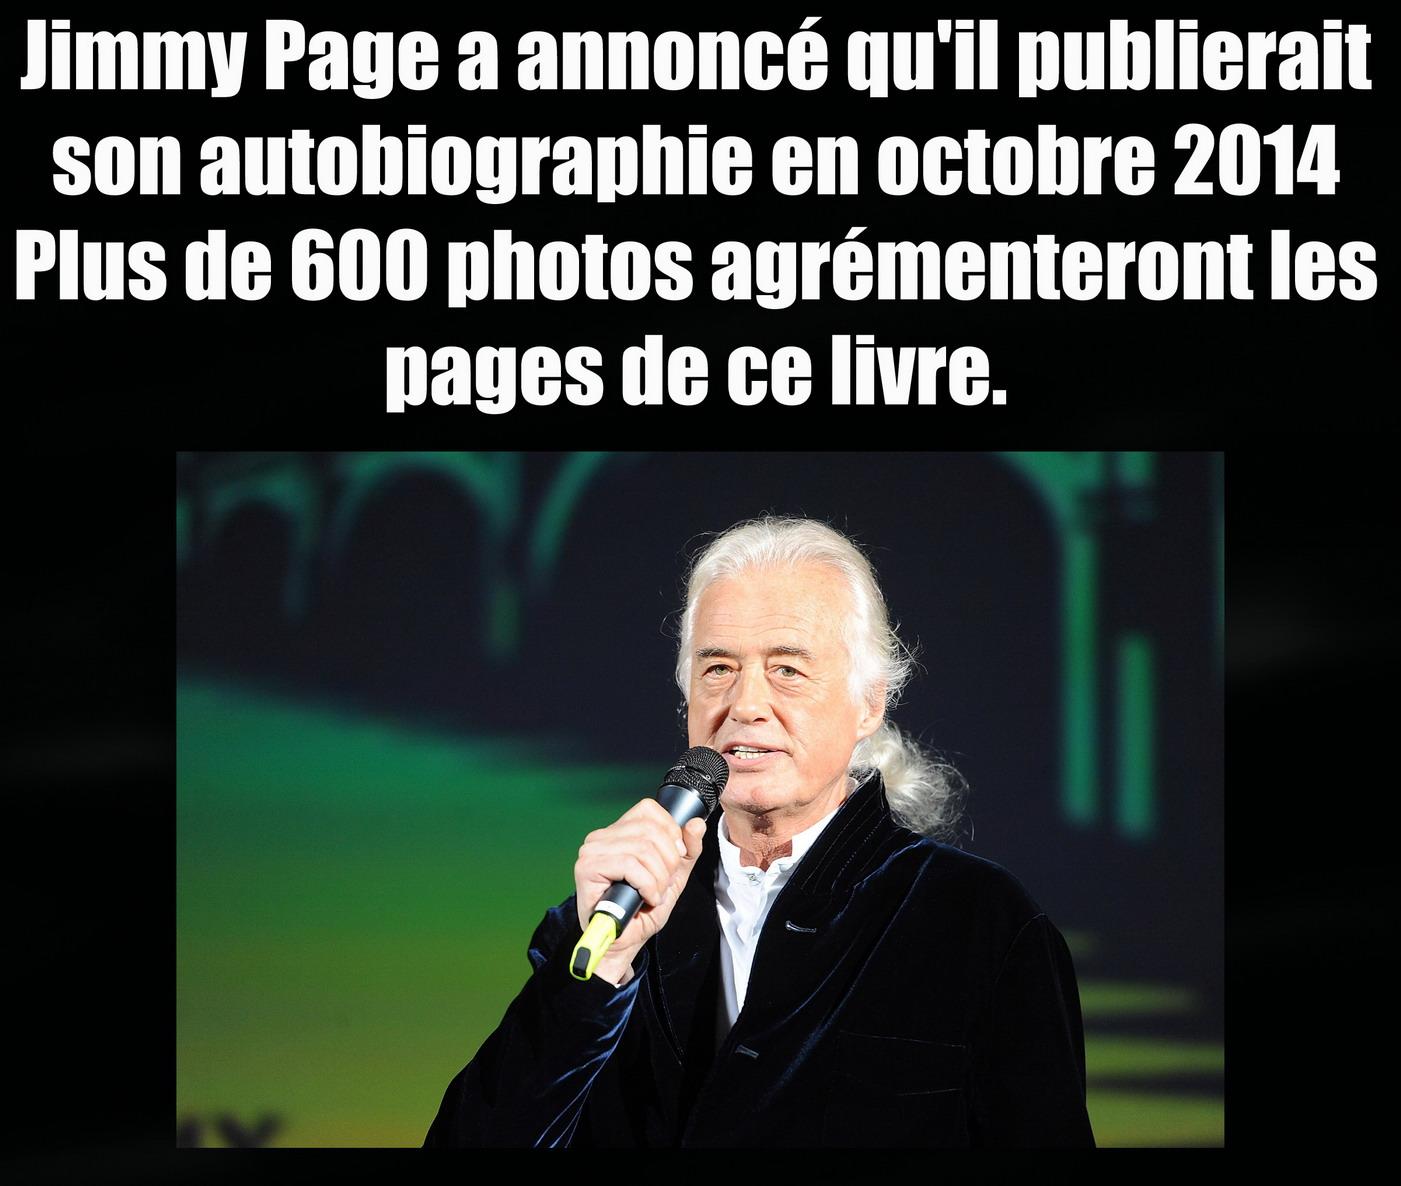 Les NEWS du METAL en VRAC ... - Page 4 11151310